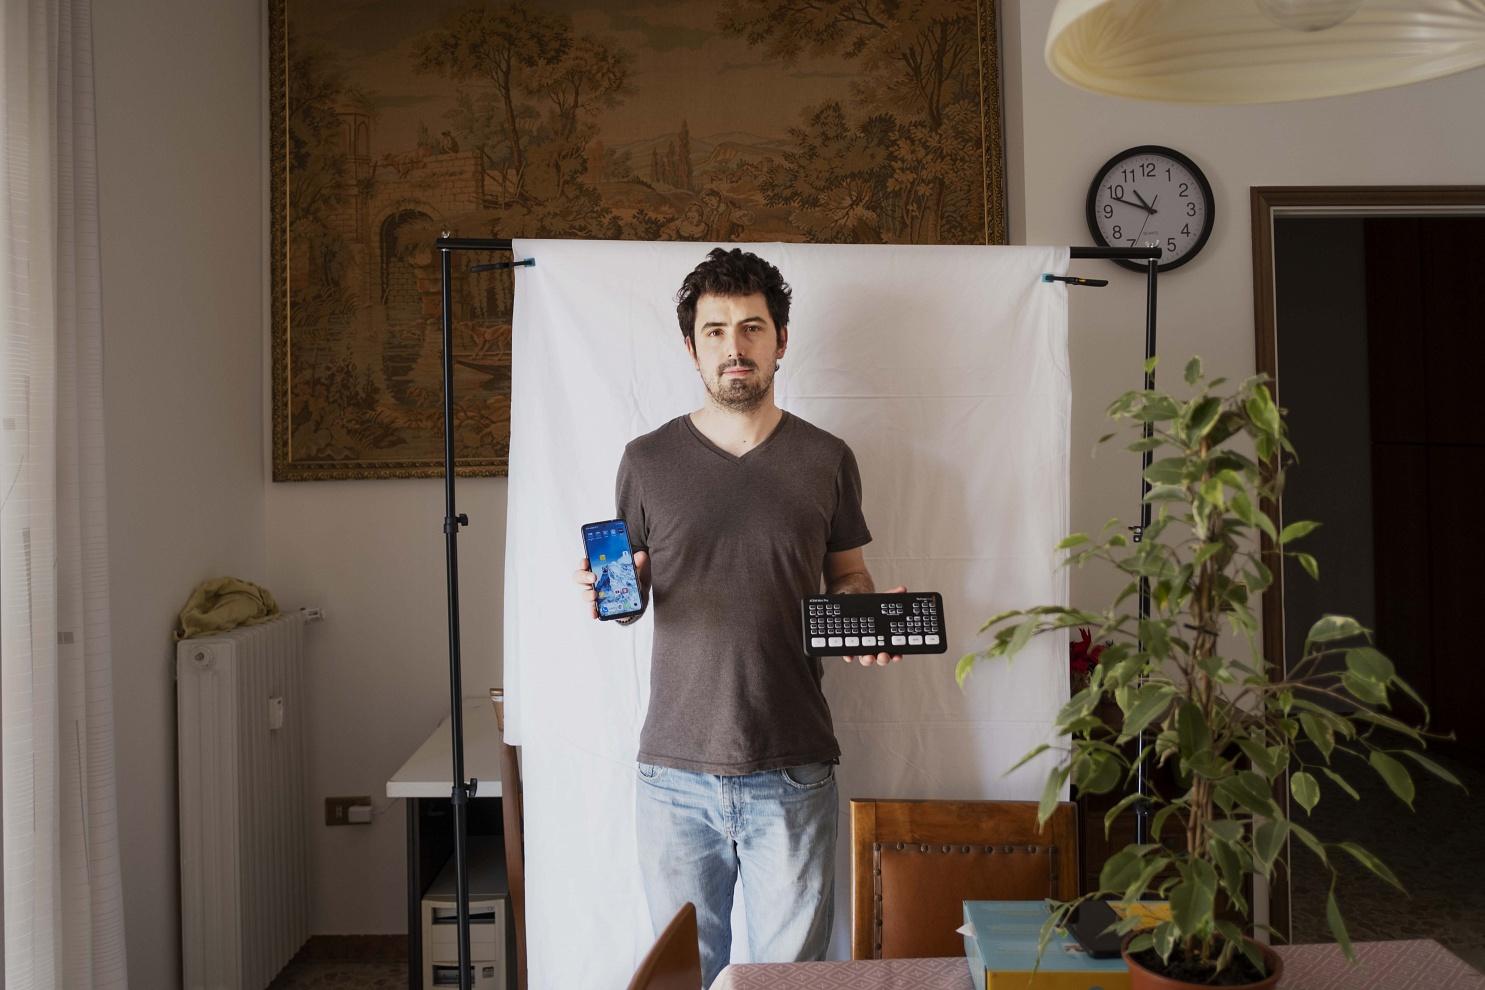 Ilario Piatti, 32 anni, Brescia - Ha acquistato un cellulare nuovo per questione di necessità e un mixer video, utile per la gestione delle richieste di lavoro a lui rivolte, comprendenti molte dirette streaming non presenti prima del lockdown.